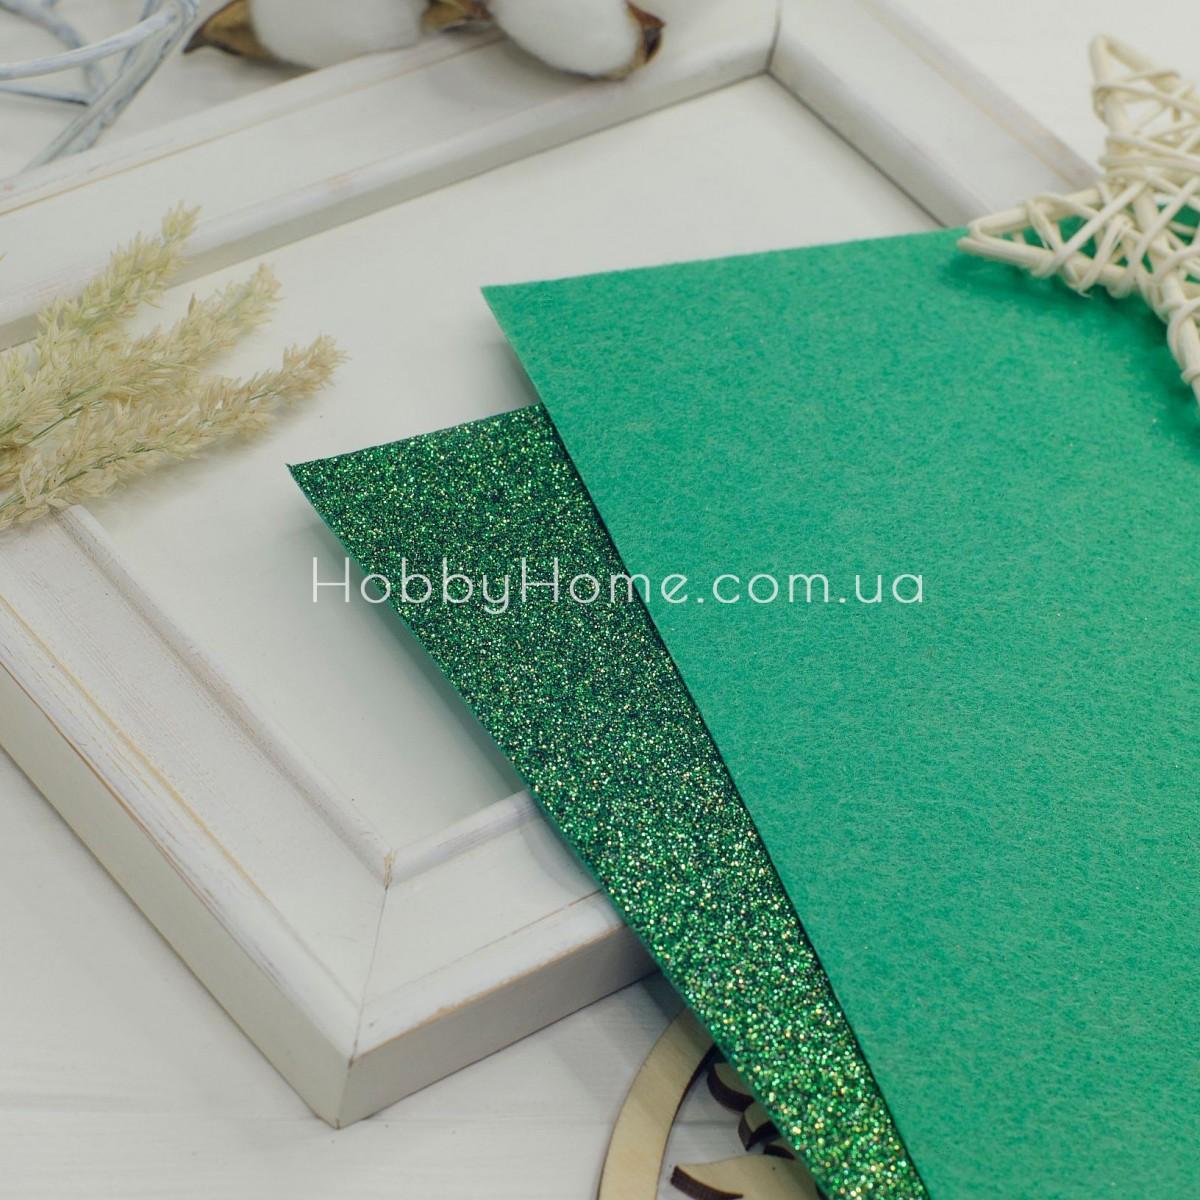 Дрібний гліттер на жорсткому фетрі , зелений